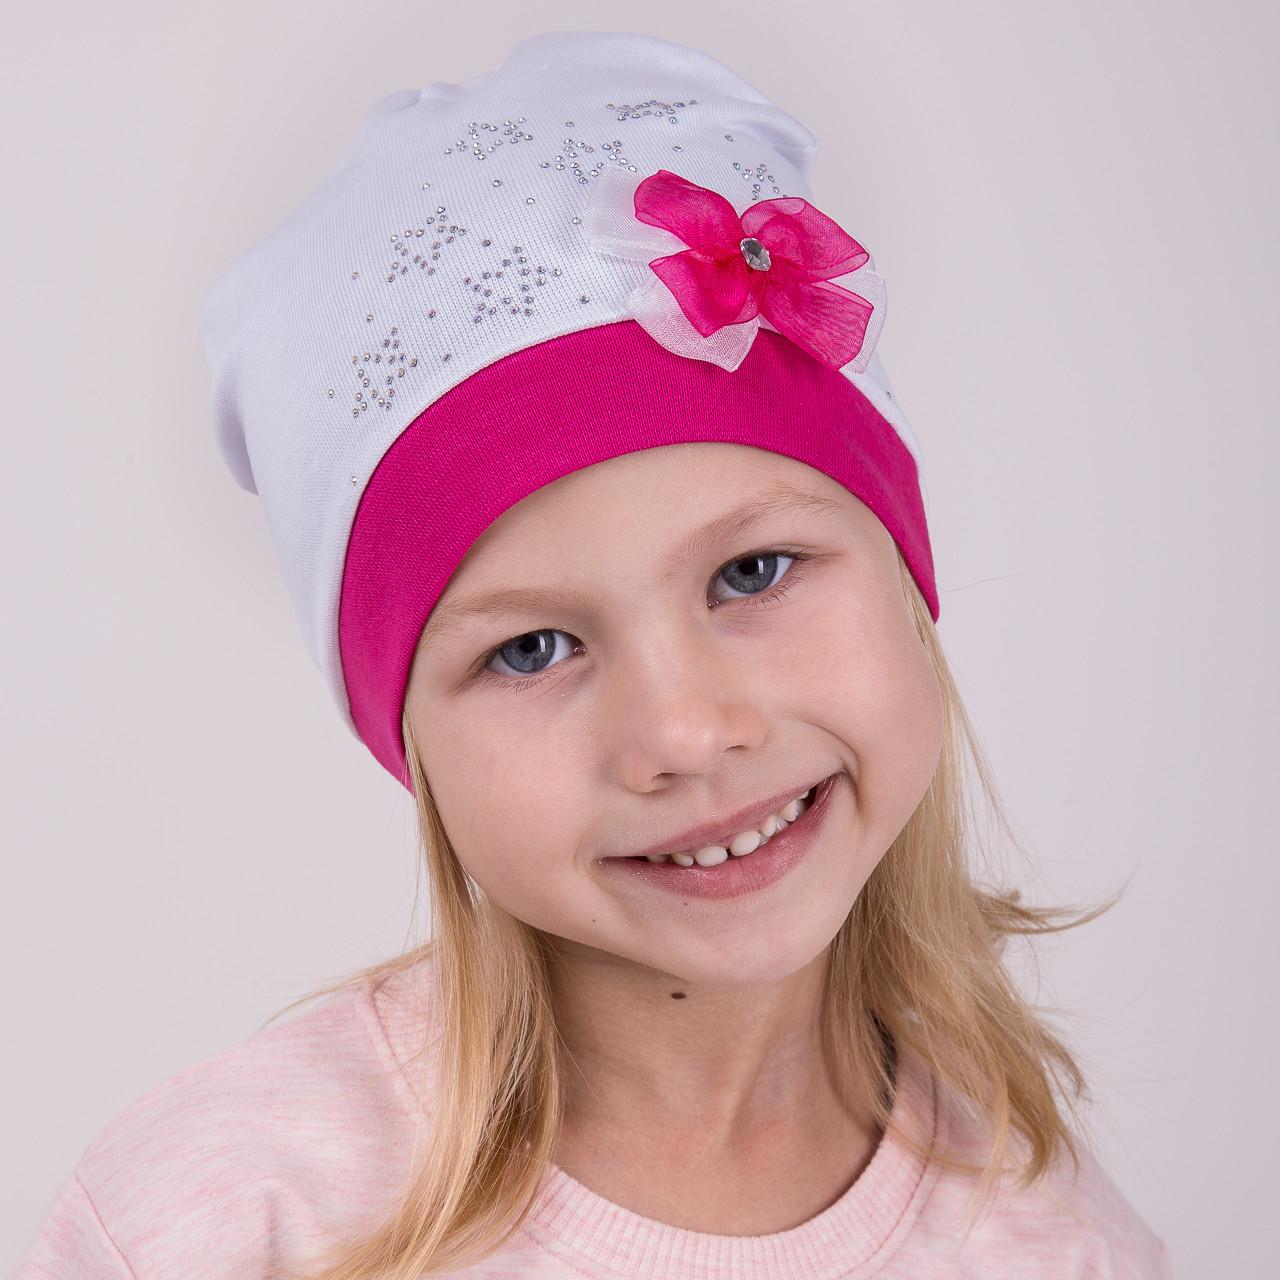 Шапка с бантиком для девочек 2018 оптом - Артикул 2119